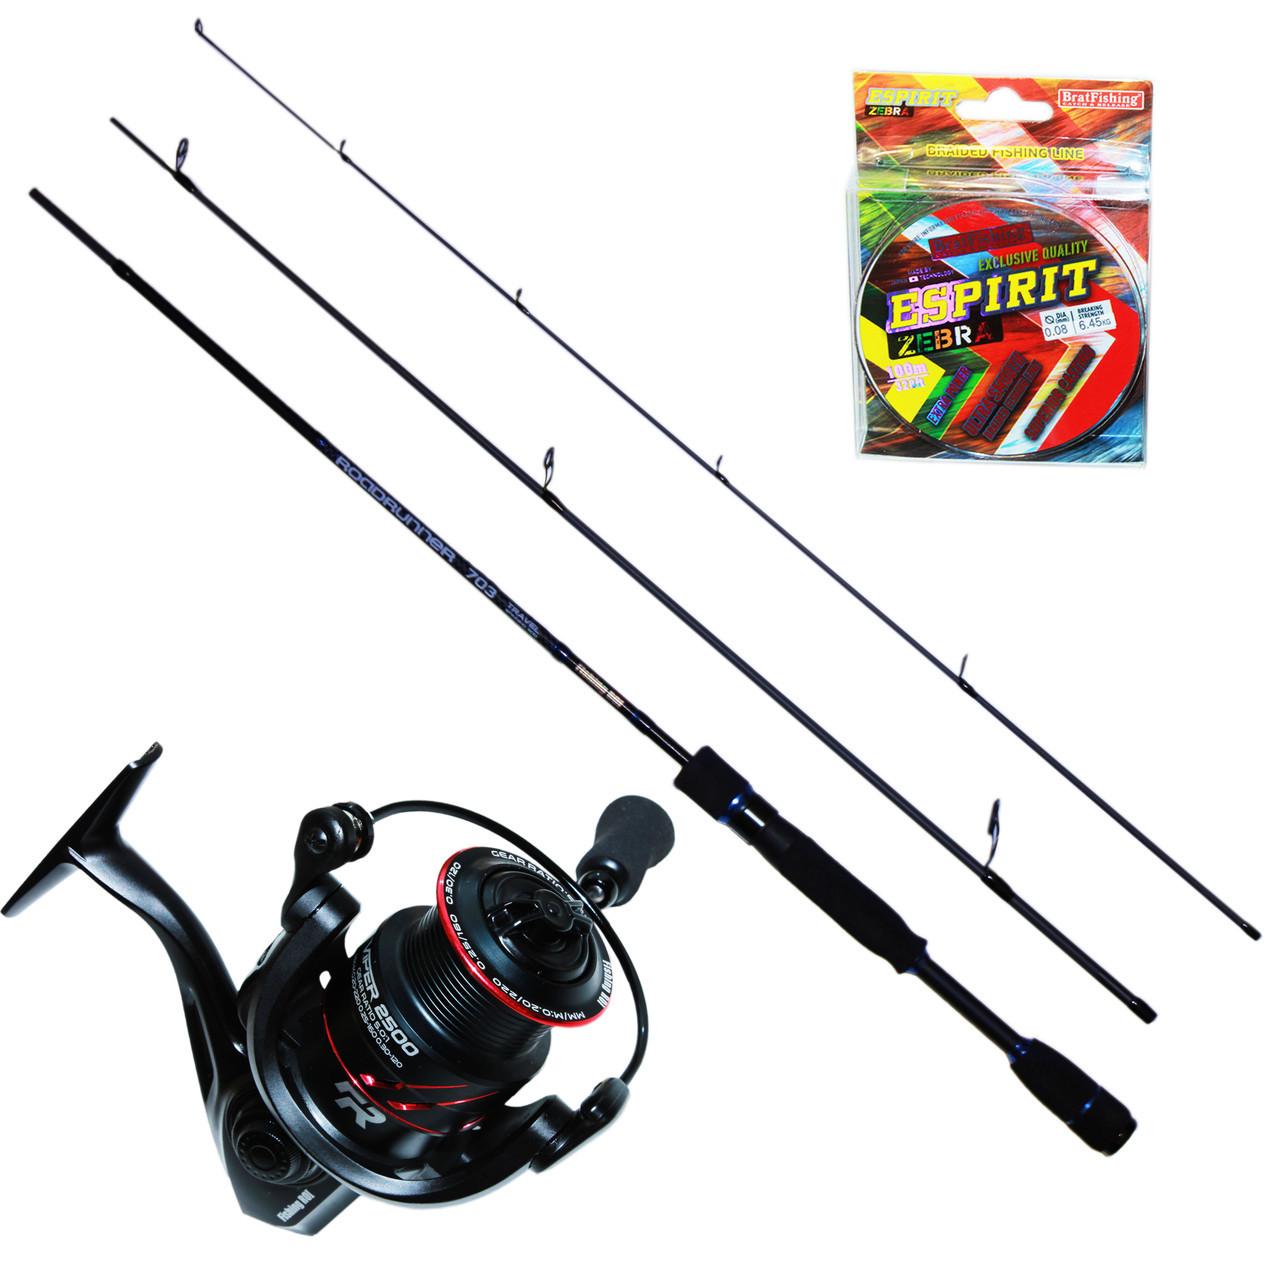 Набор Viper 2500 для ловли хищной рыбы